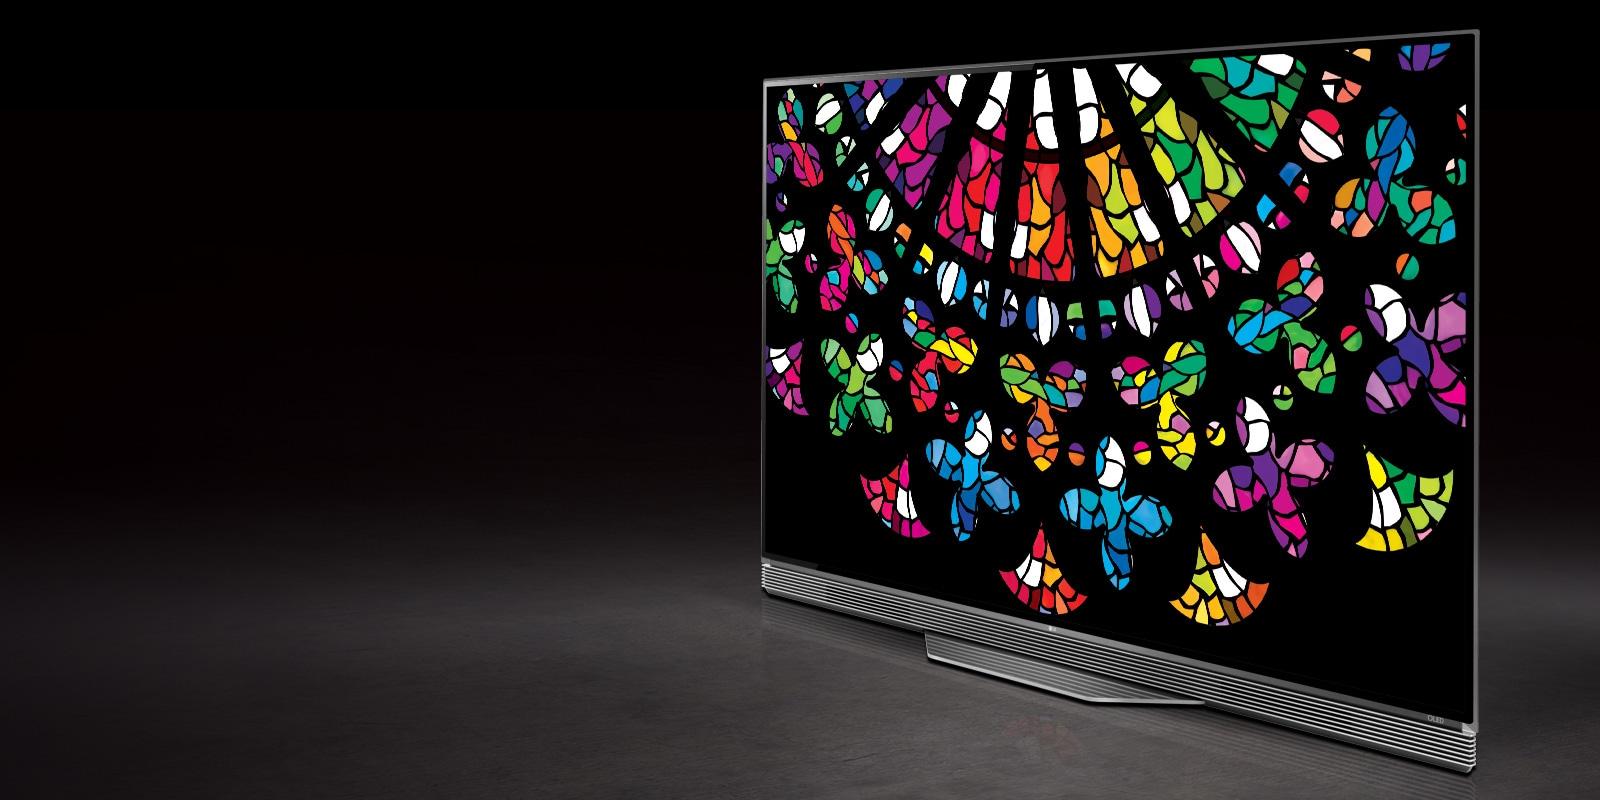 OLED TVs: LG Curved & Flat 4K OLED TVs